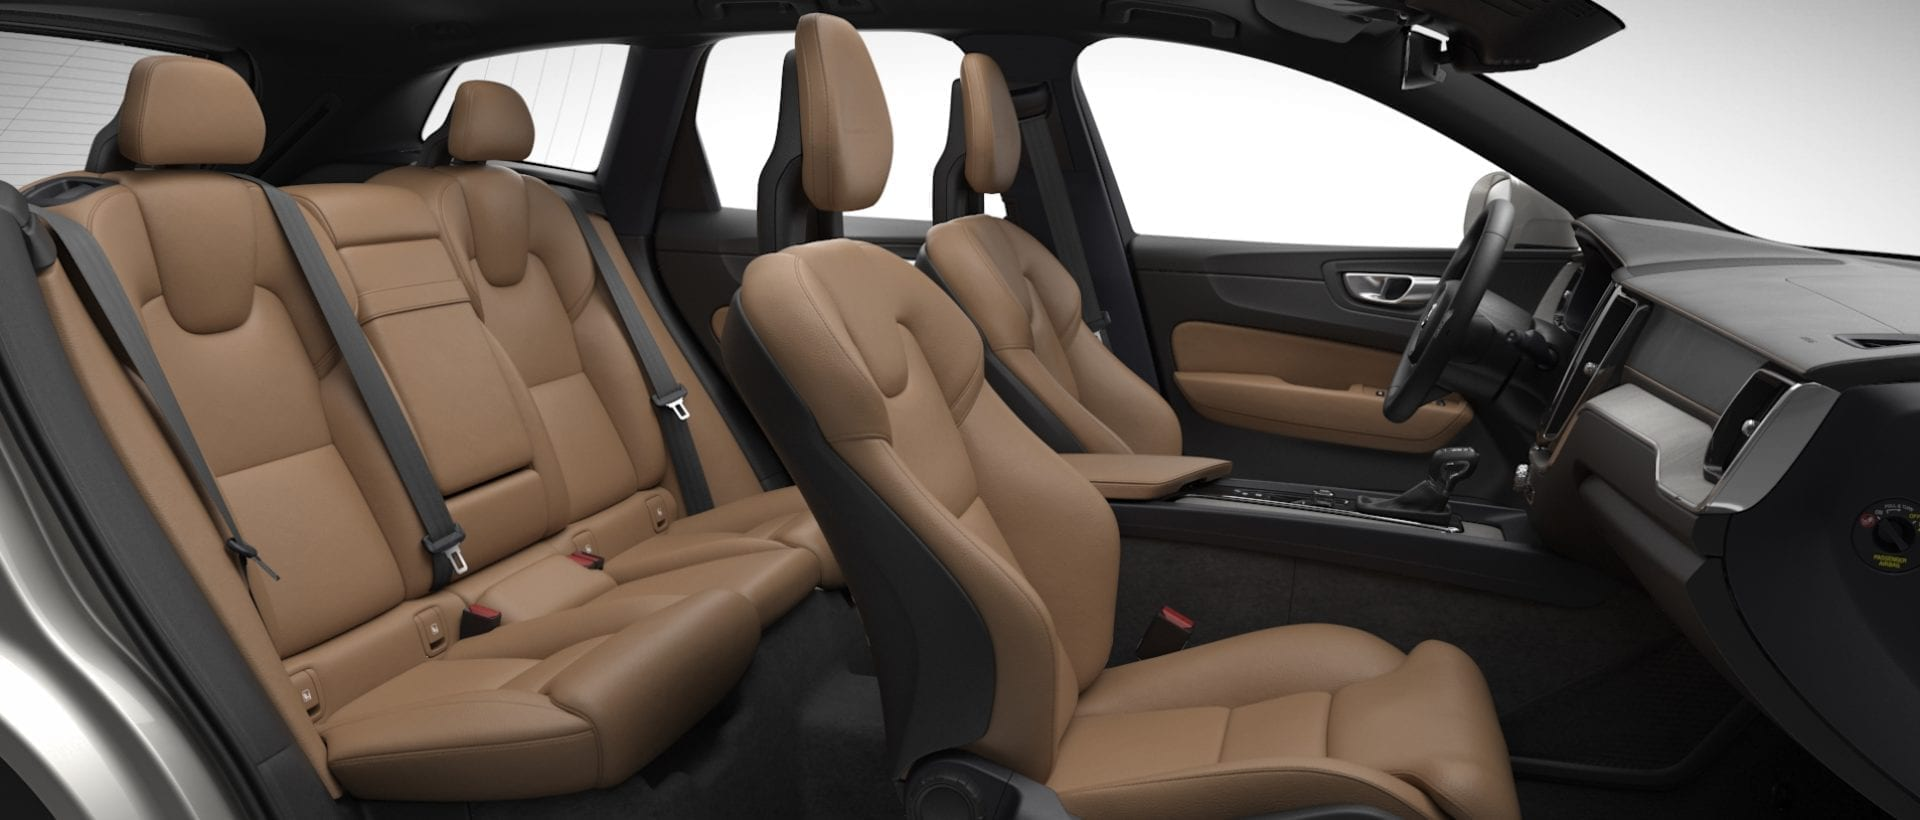 Volvo ХС60  фото интерьера 12